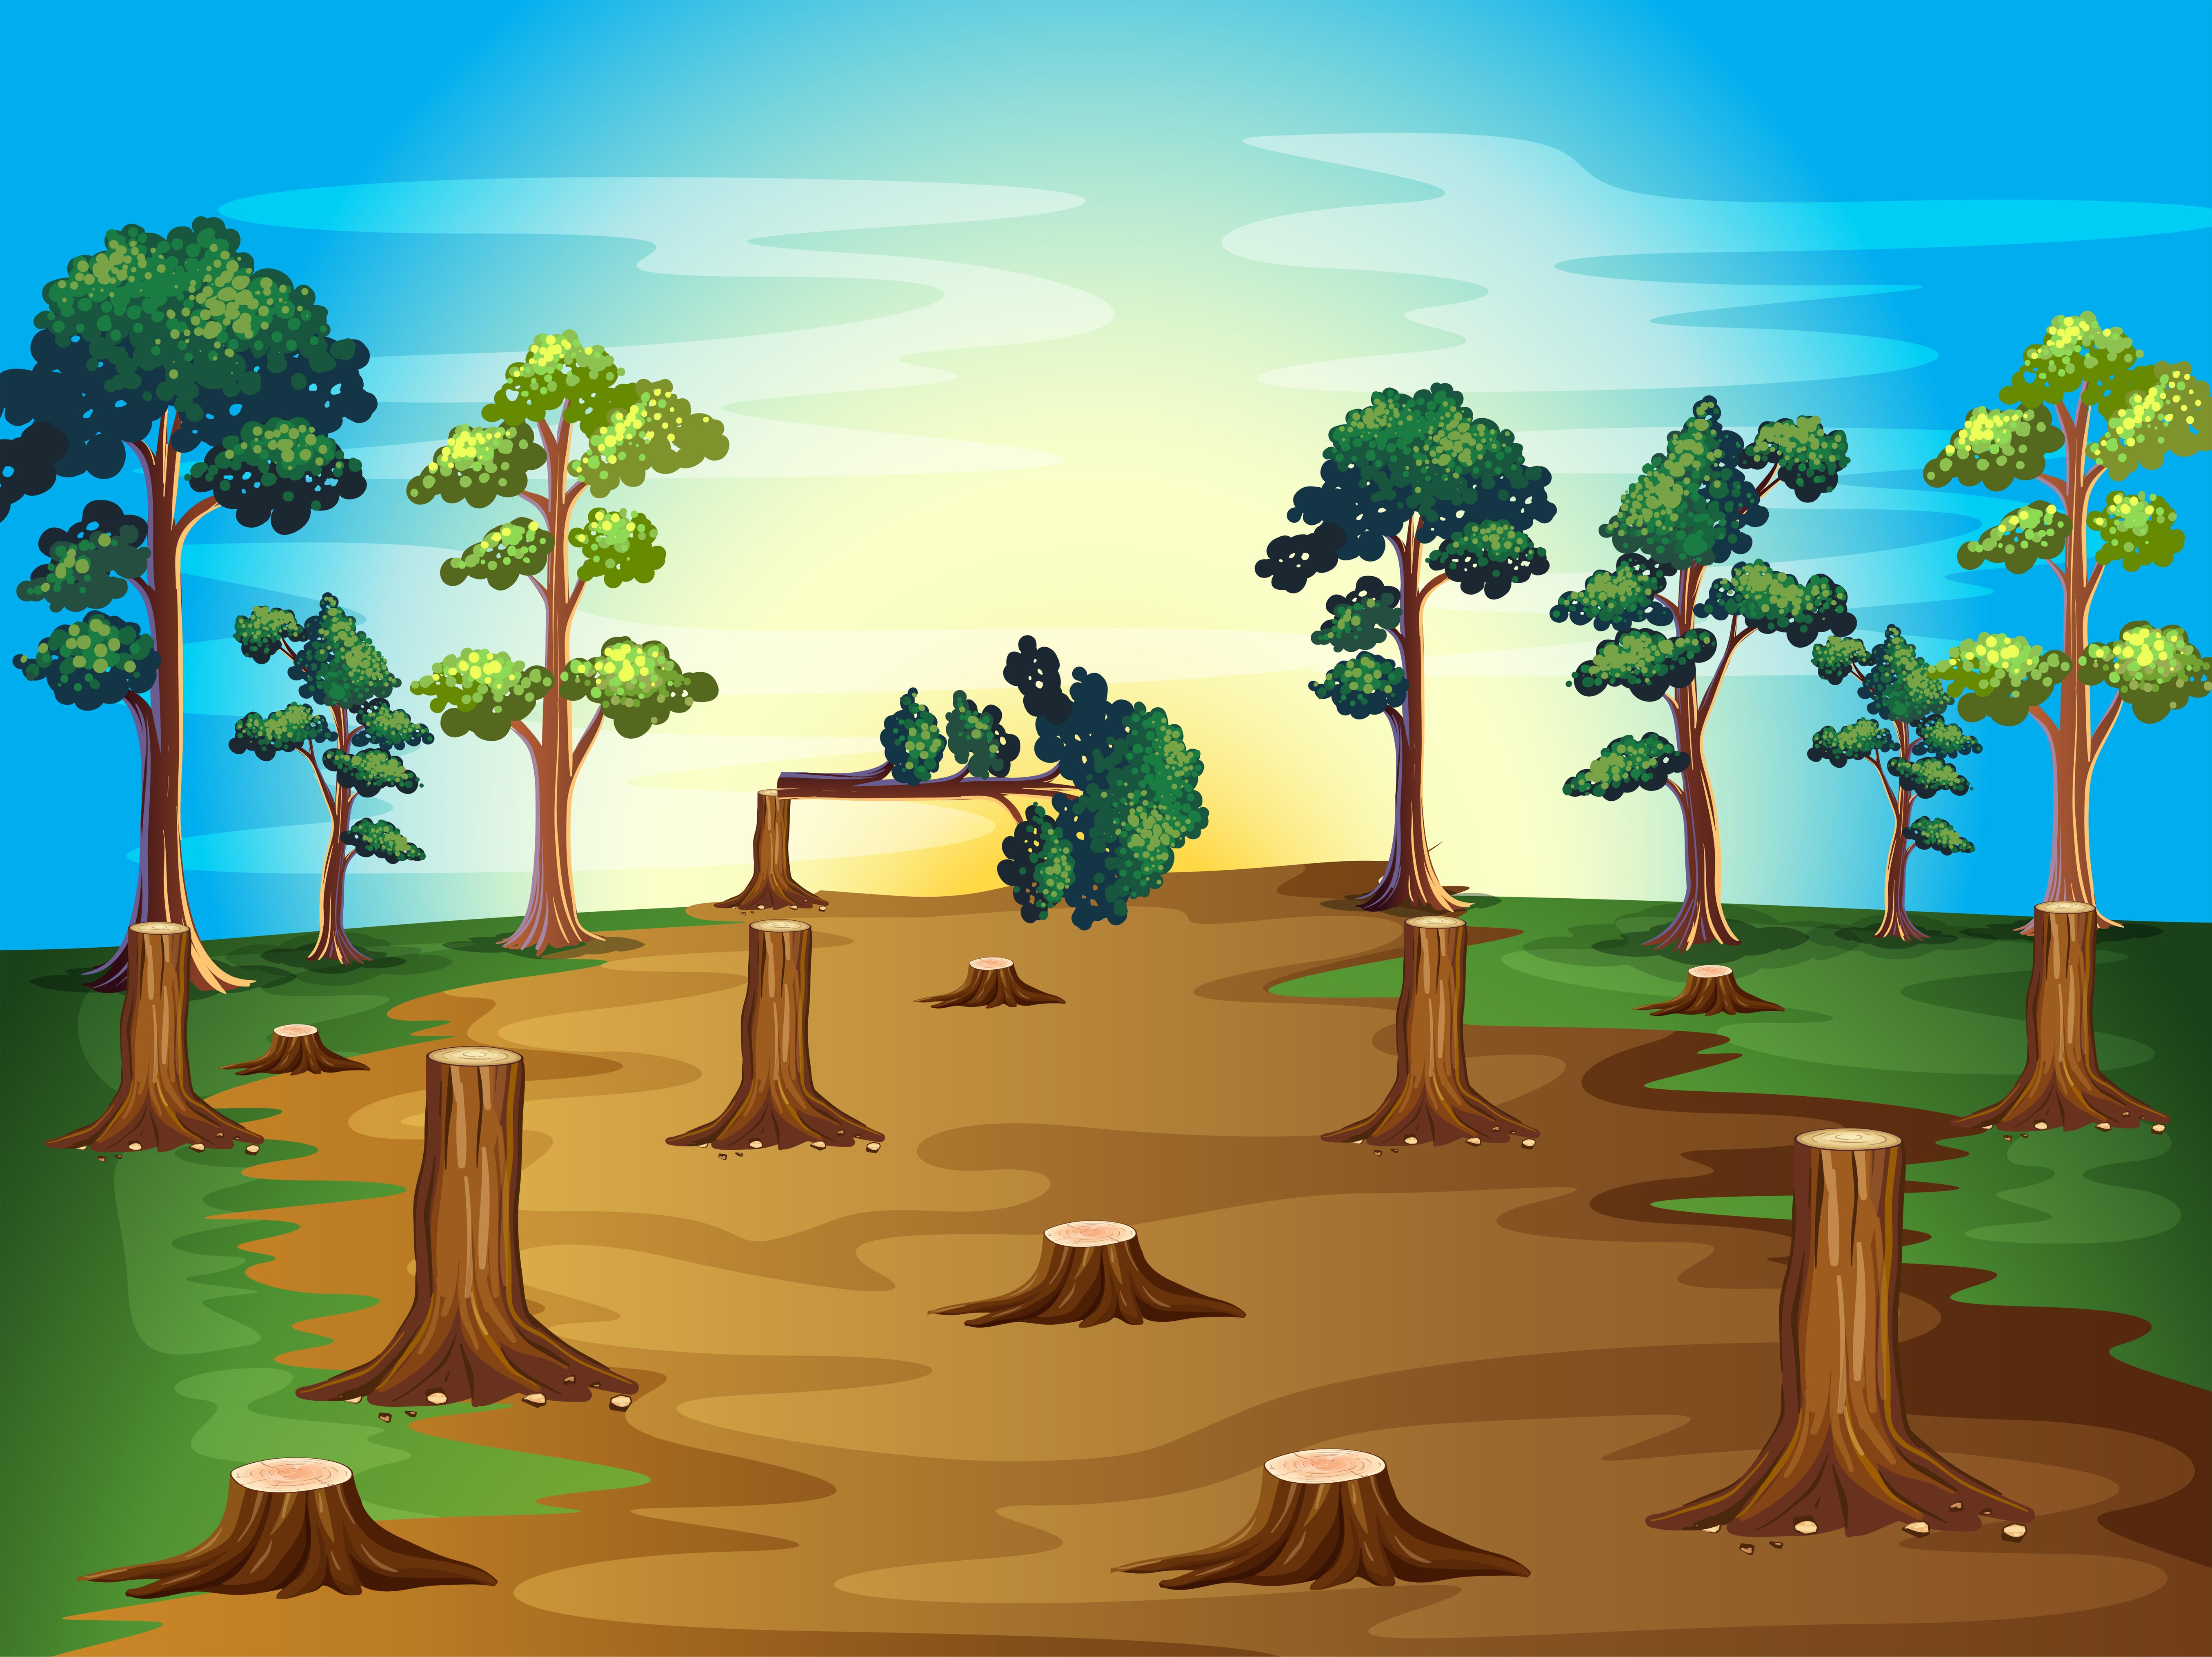 Deforestation scene at sunset Download Free Vectors